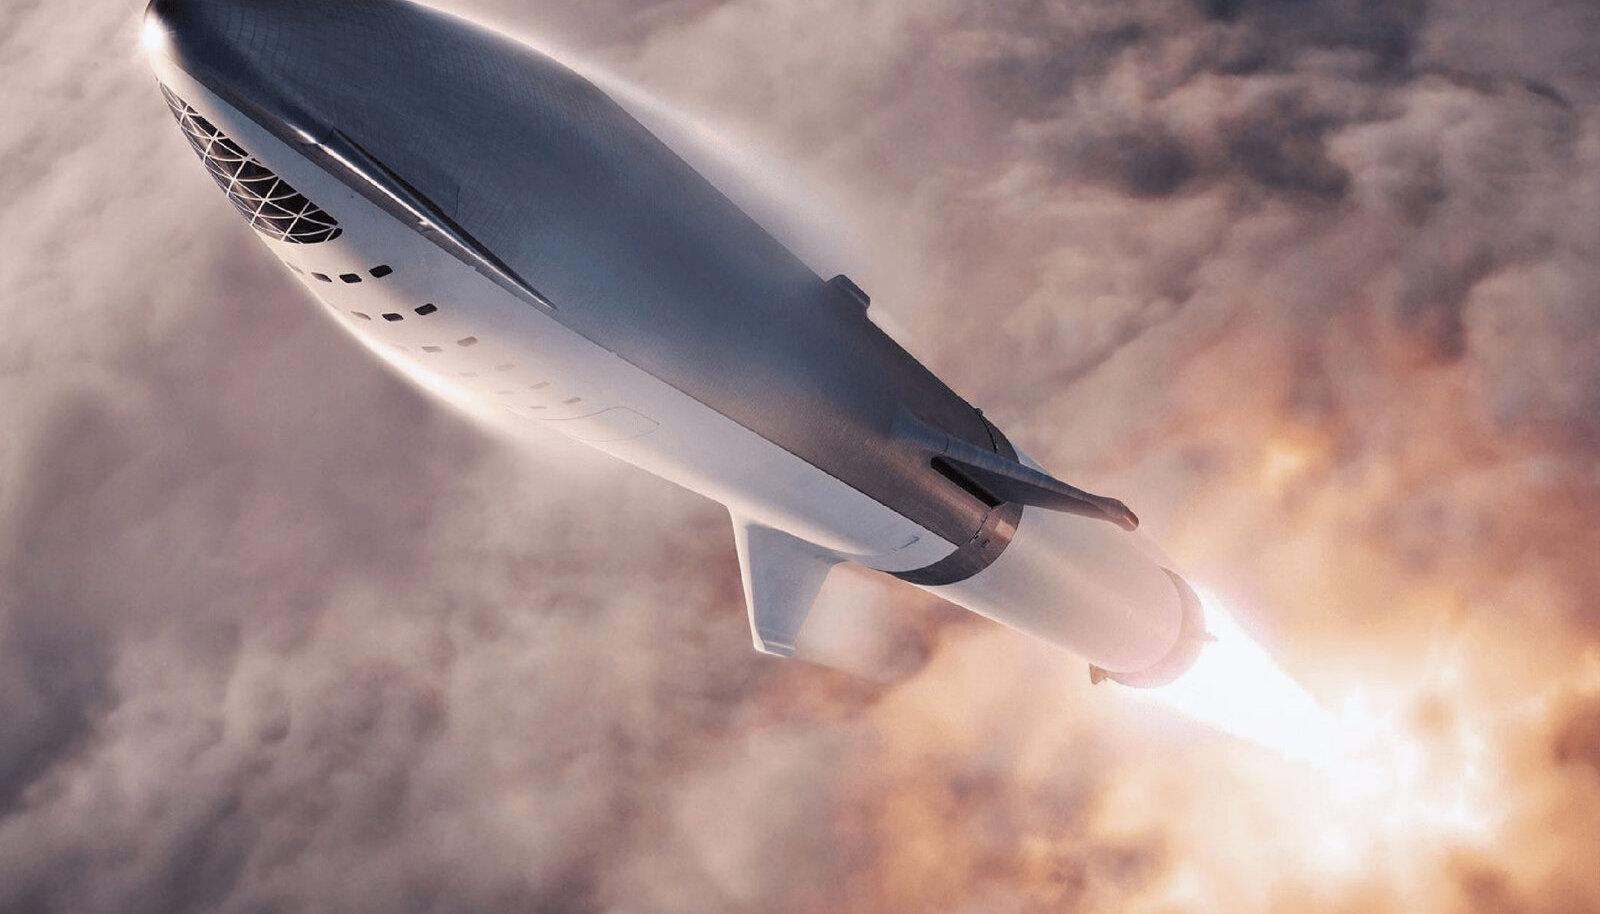 Kunstniku kujutis õhku tõusvast Starshipi raketist